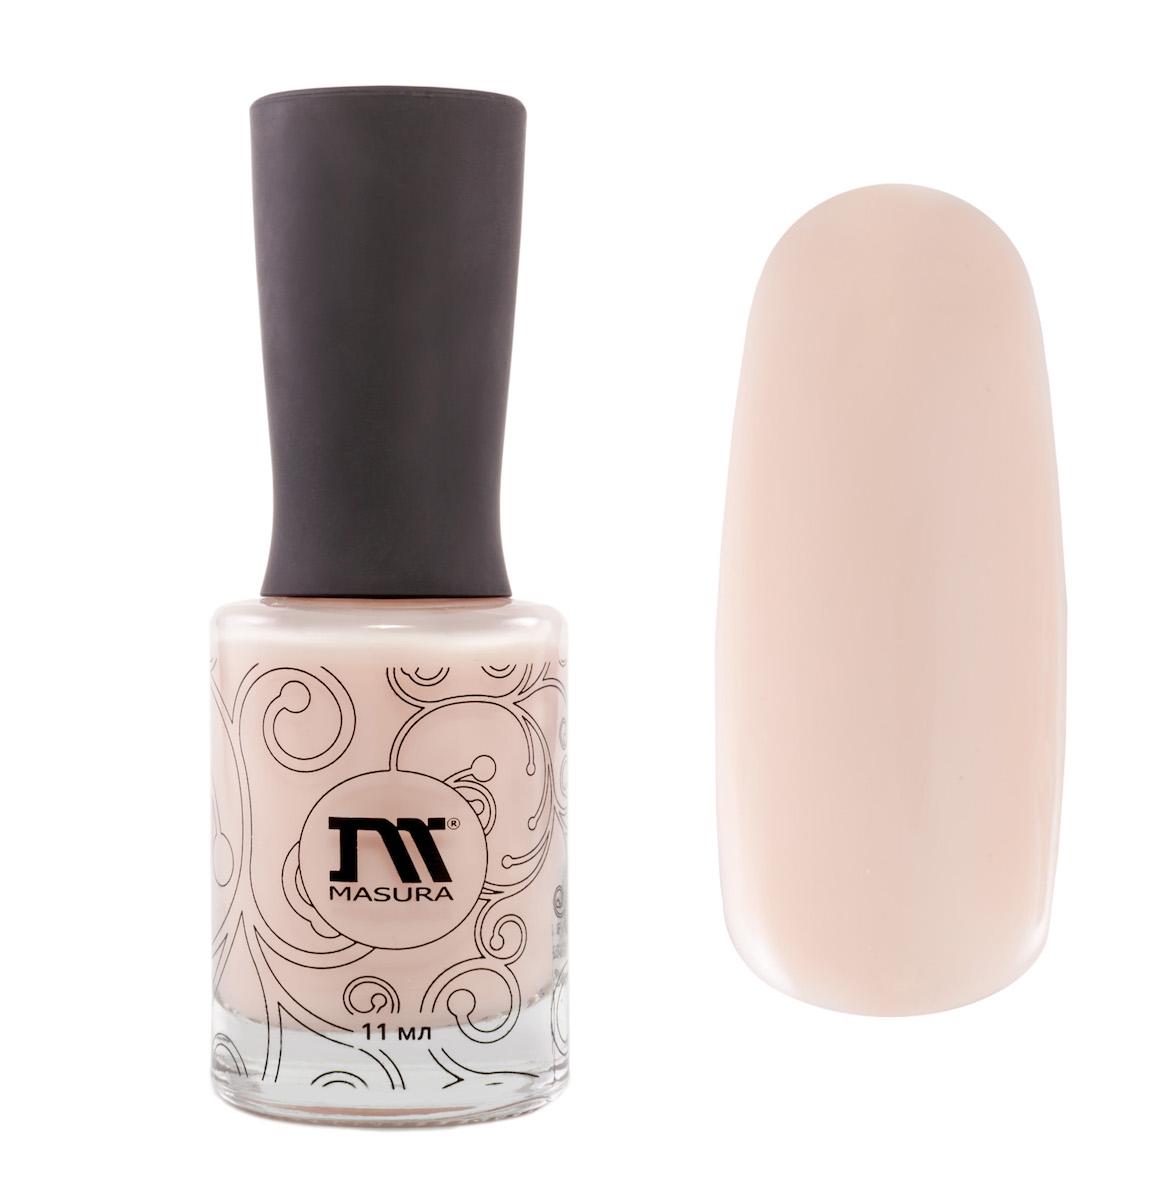 Masura Лак для ногтей Французский Маникюр, 11 мл1001Теплый нюдовый с розовым подтоном, полупрозрачный.